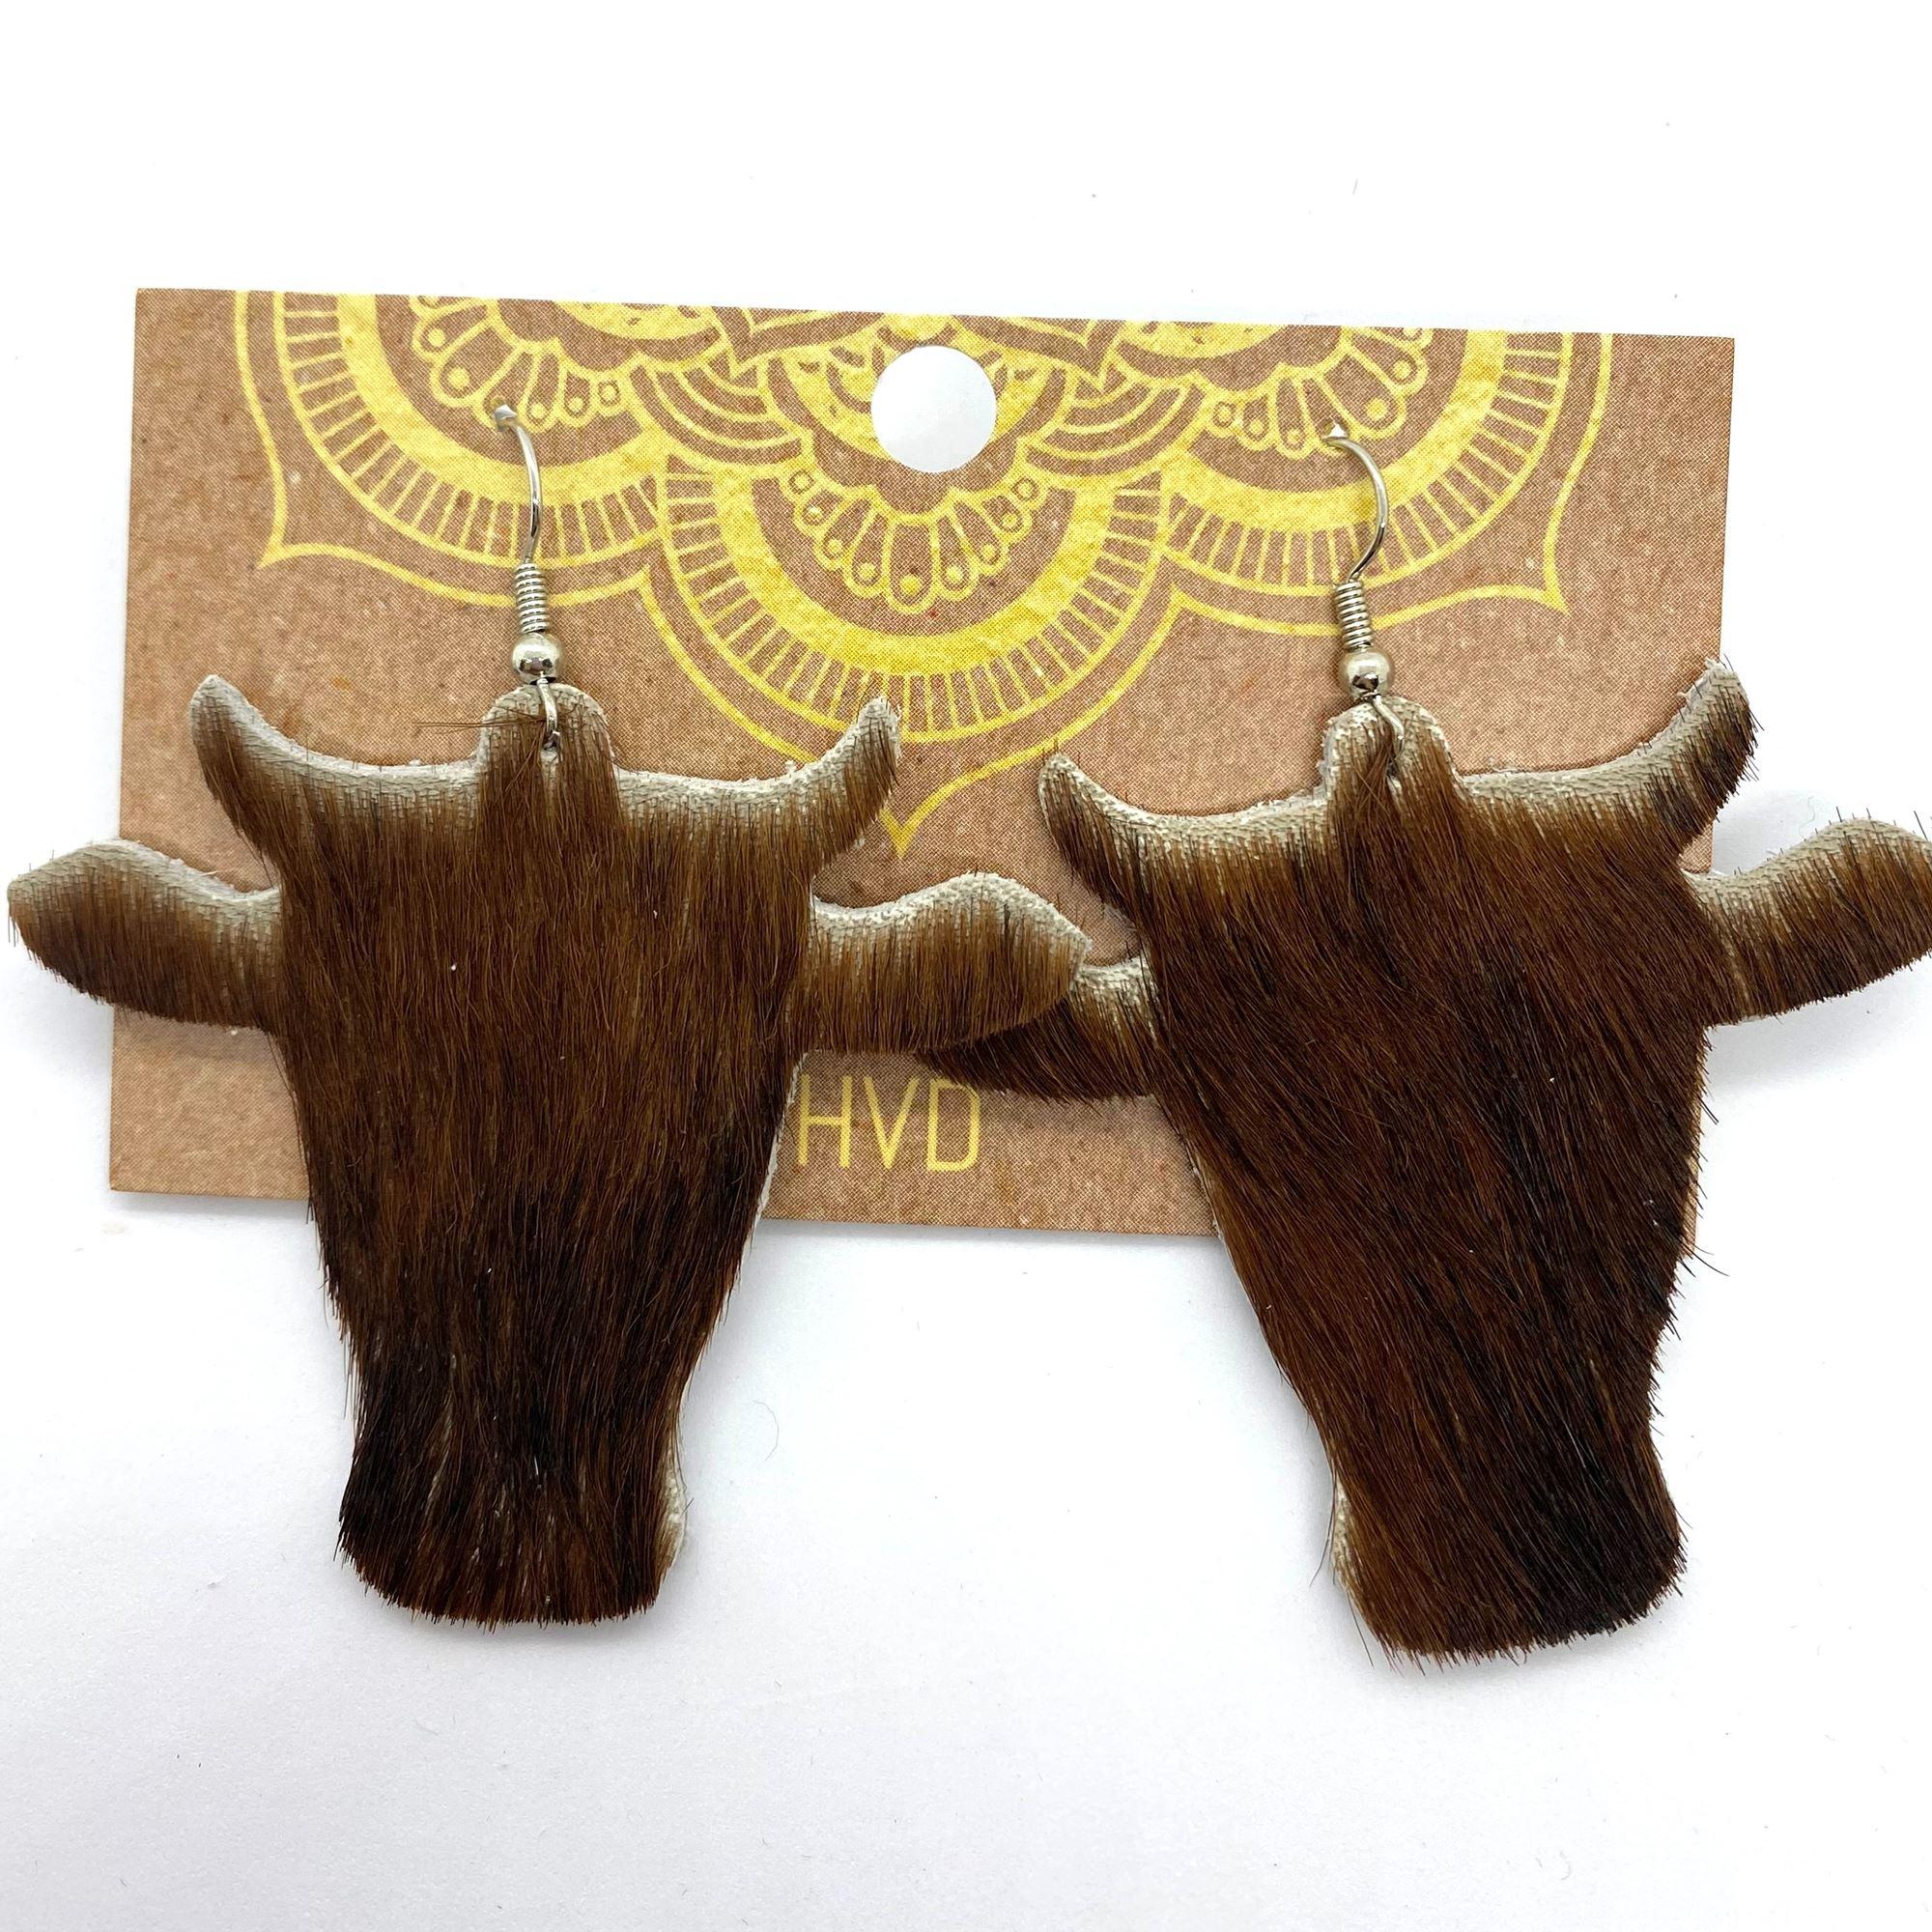 Brown Hair-On-Hide Cow Head Earrings